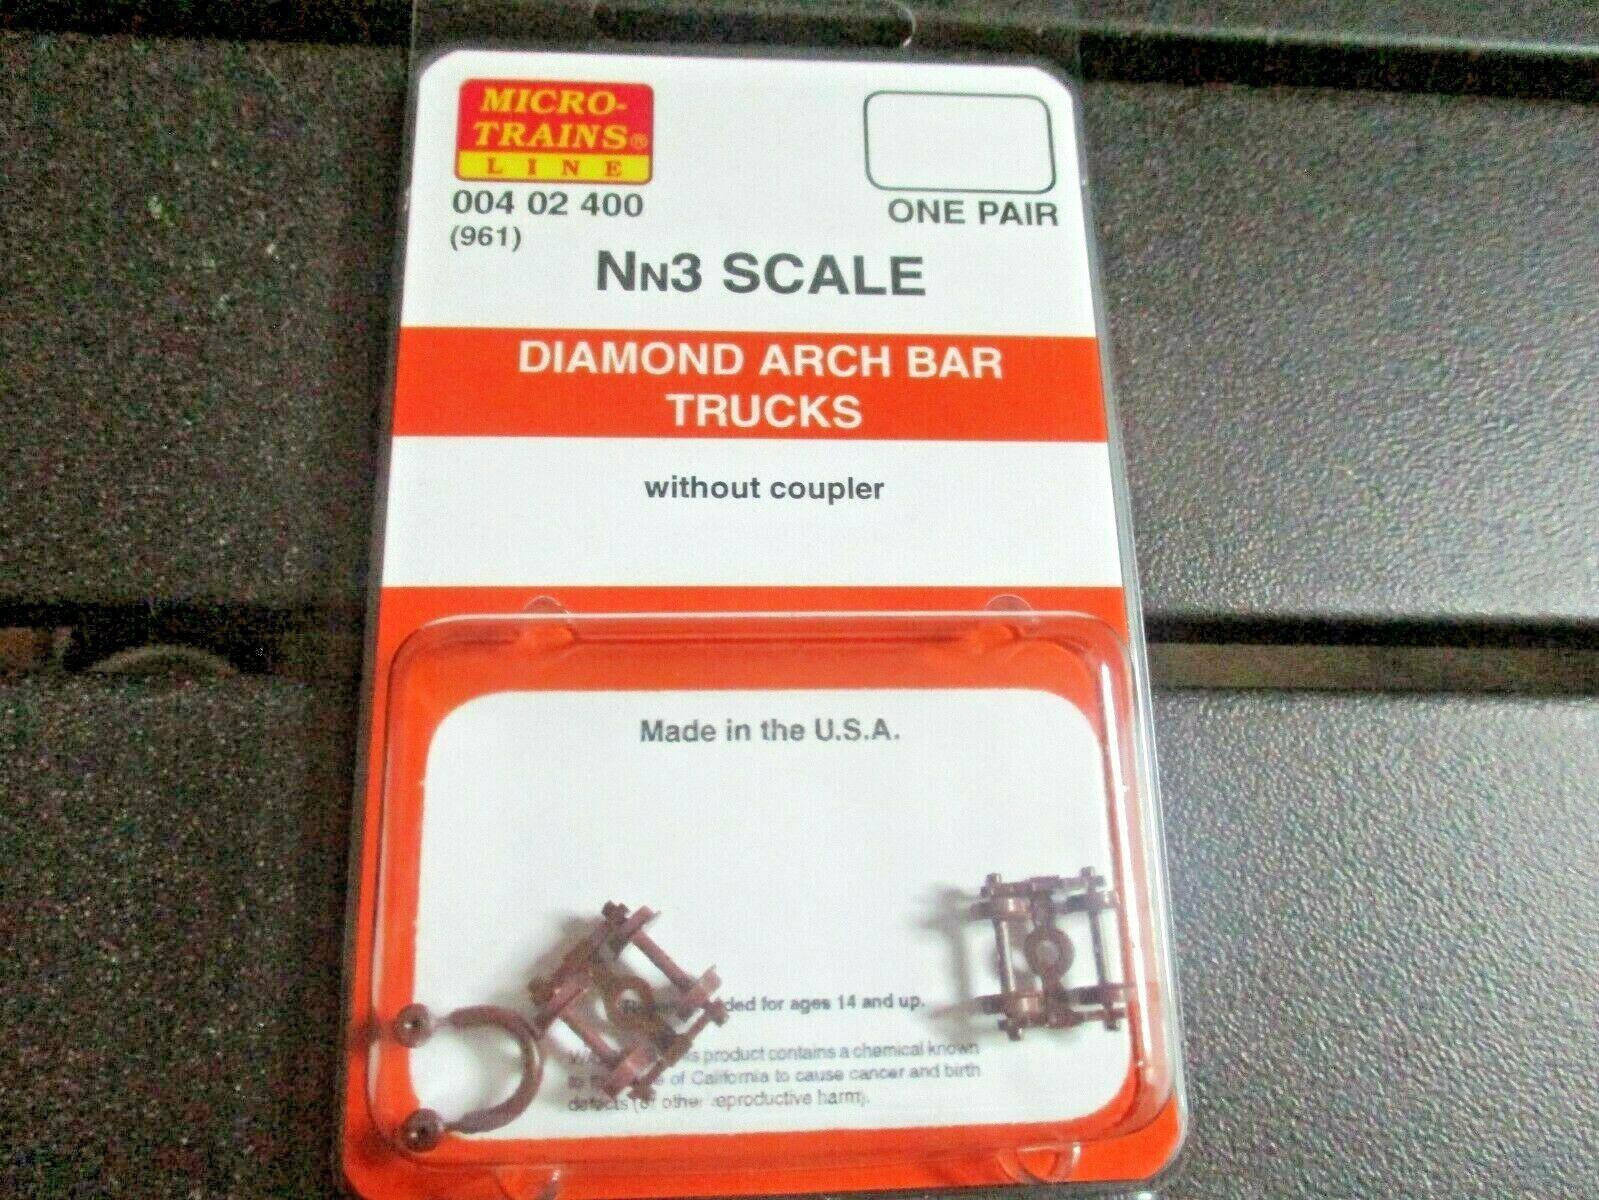 Micro-Trains Stock # 004002400 (961) Diamond Arch Bar Trucks Nn3 1 Pair